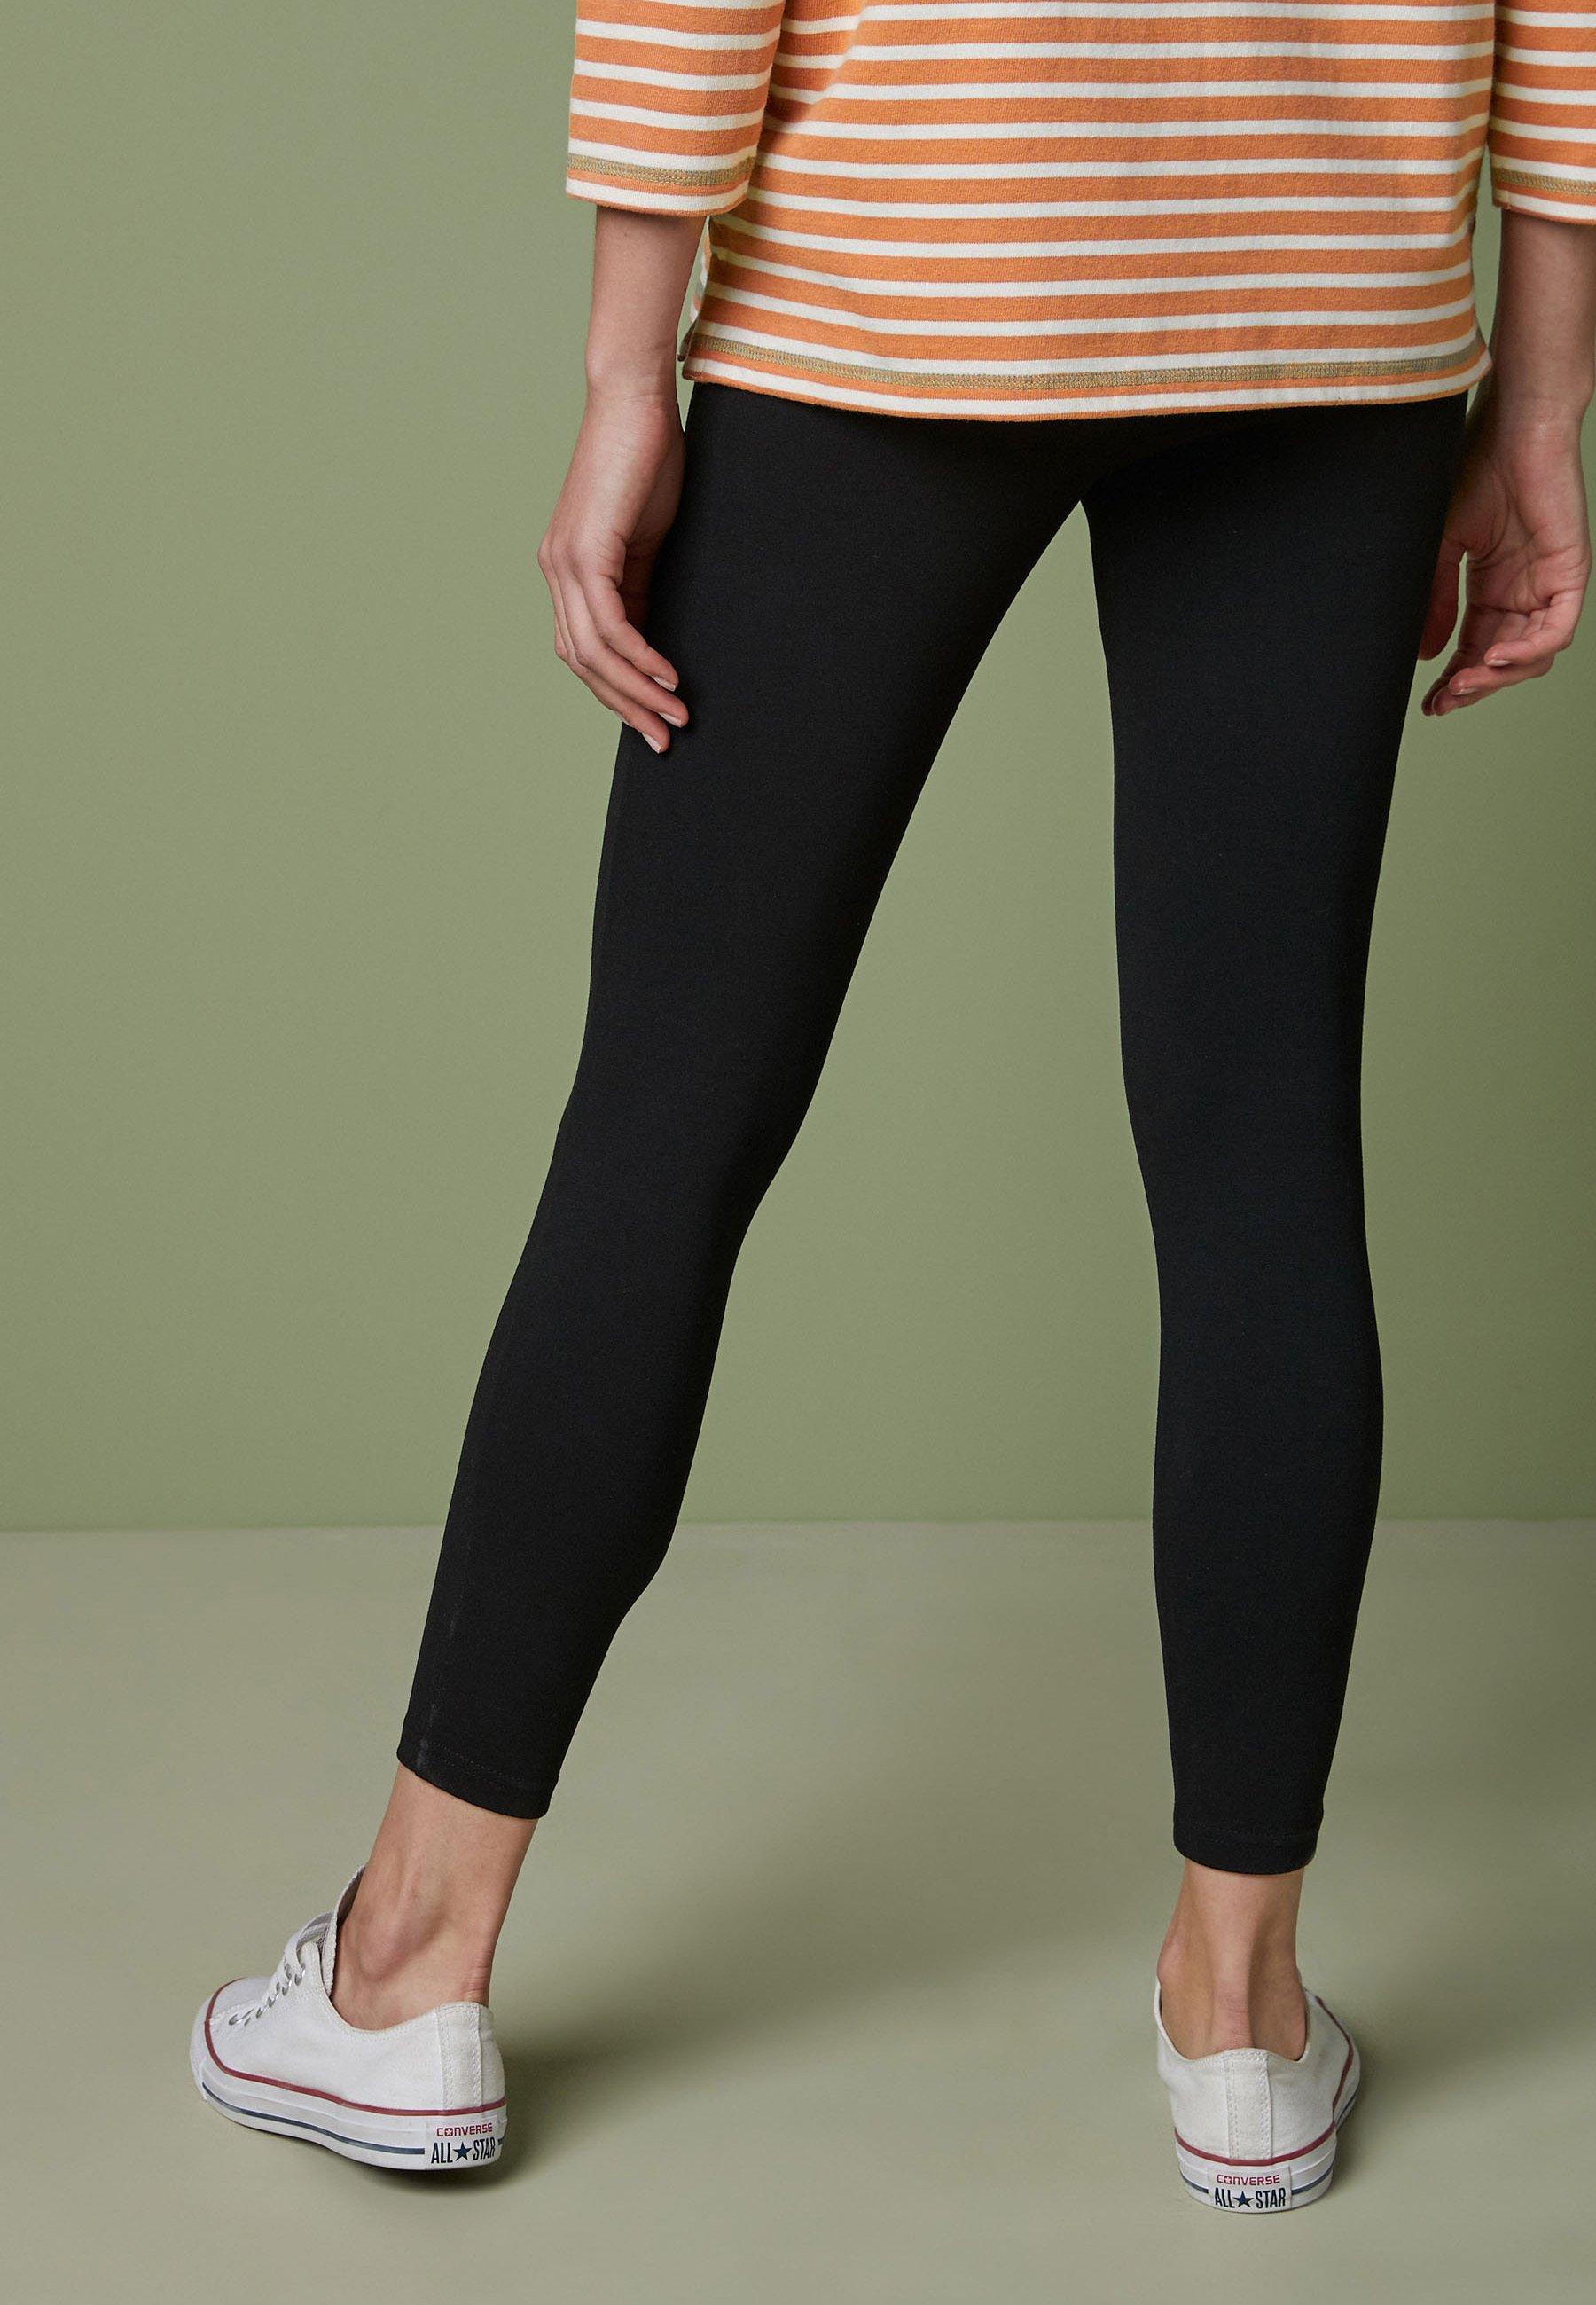 Damen PONTE - Leggings - Hosen